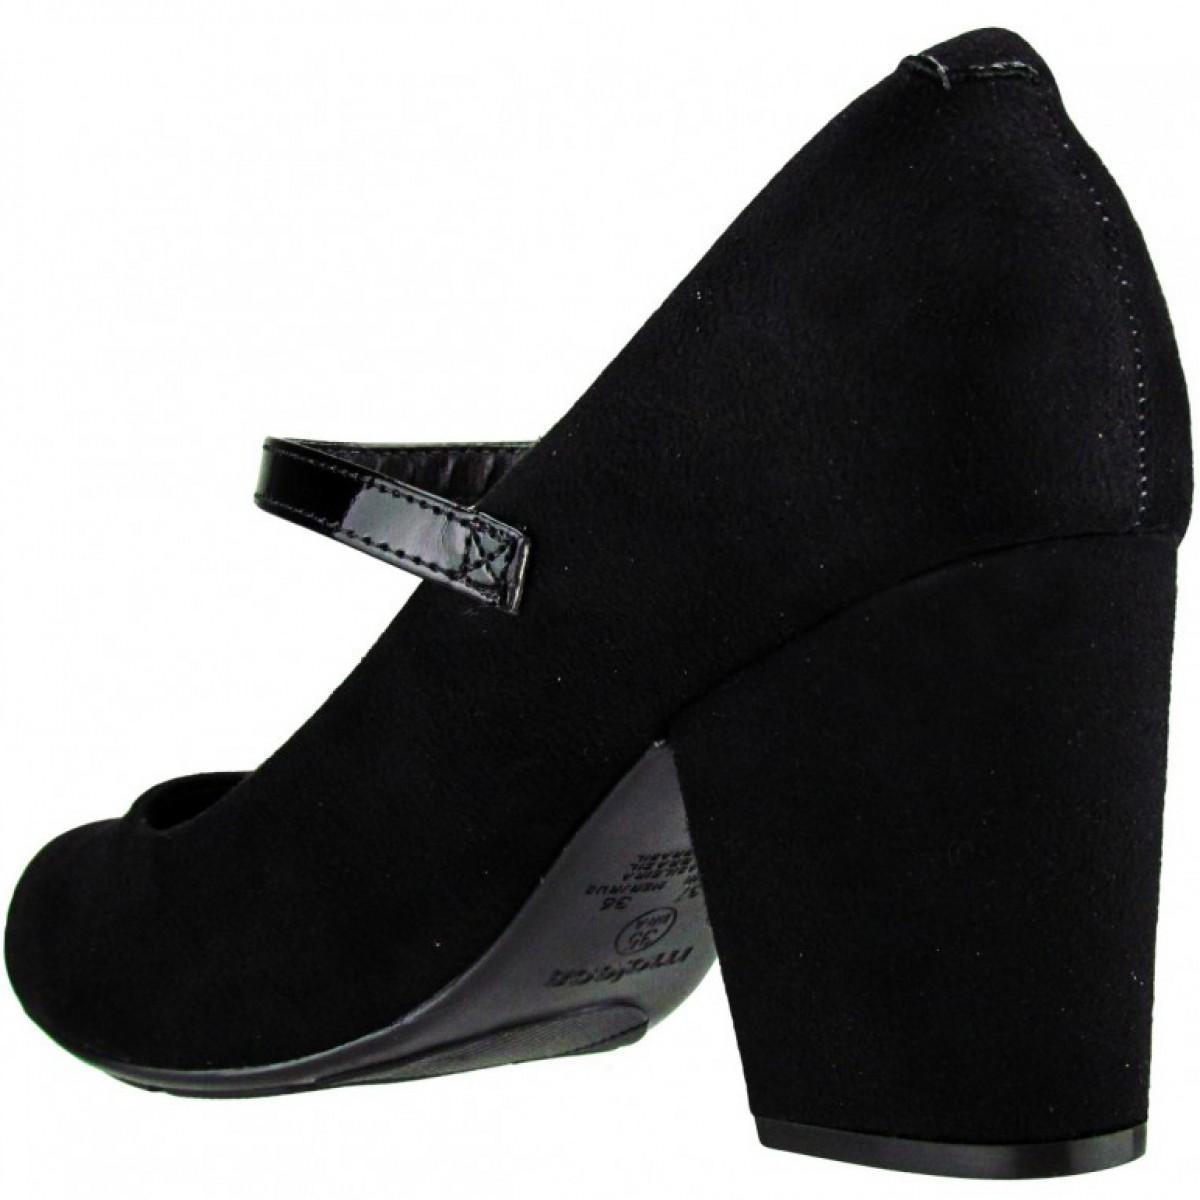 0527b1b608 Sapato Boneca Moleca Camurça Preto - Compre Agora